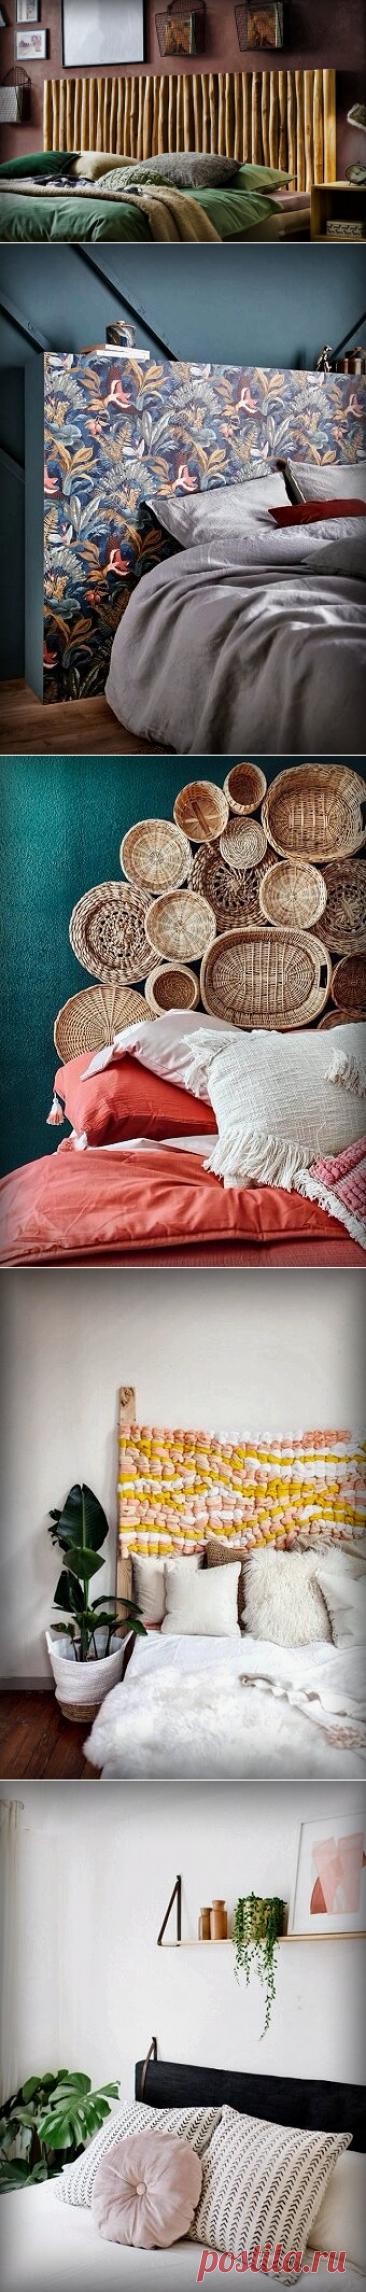 На чём можно грамотно сэкономить при обустройстве своей спальни? 5 крутых идей для изголовья | Décor and Design | Яндекс Дзен